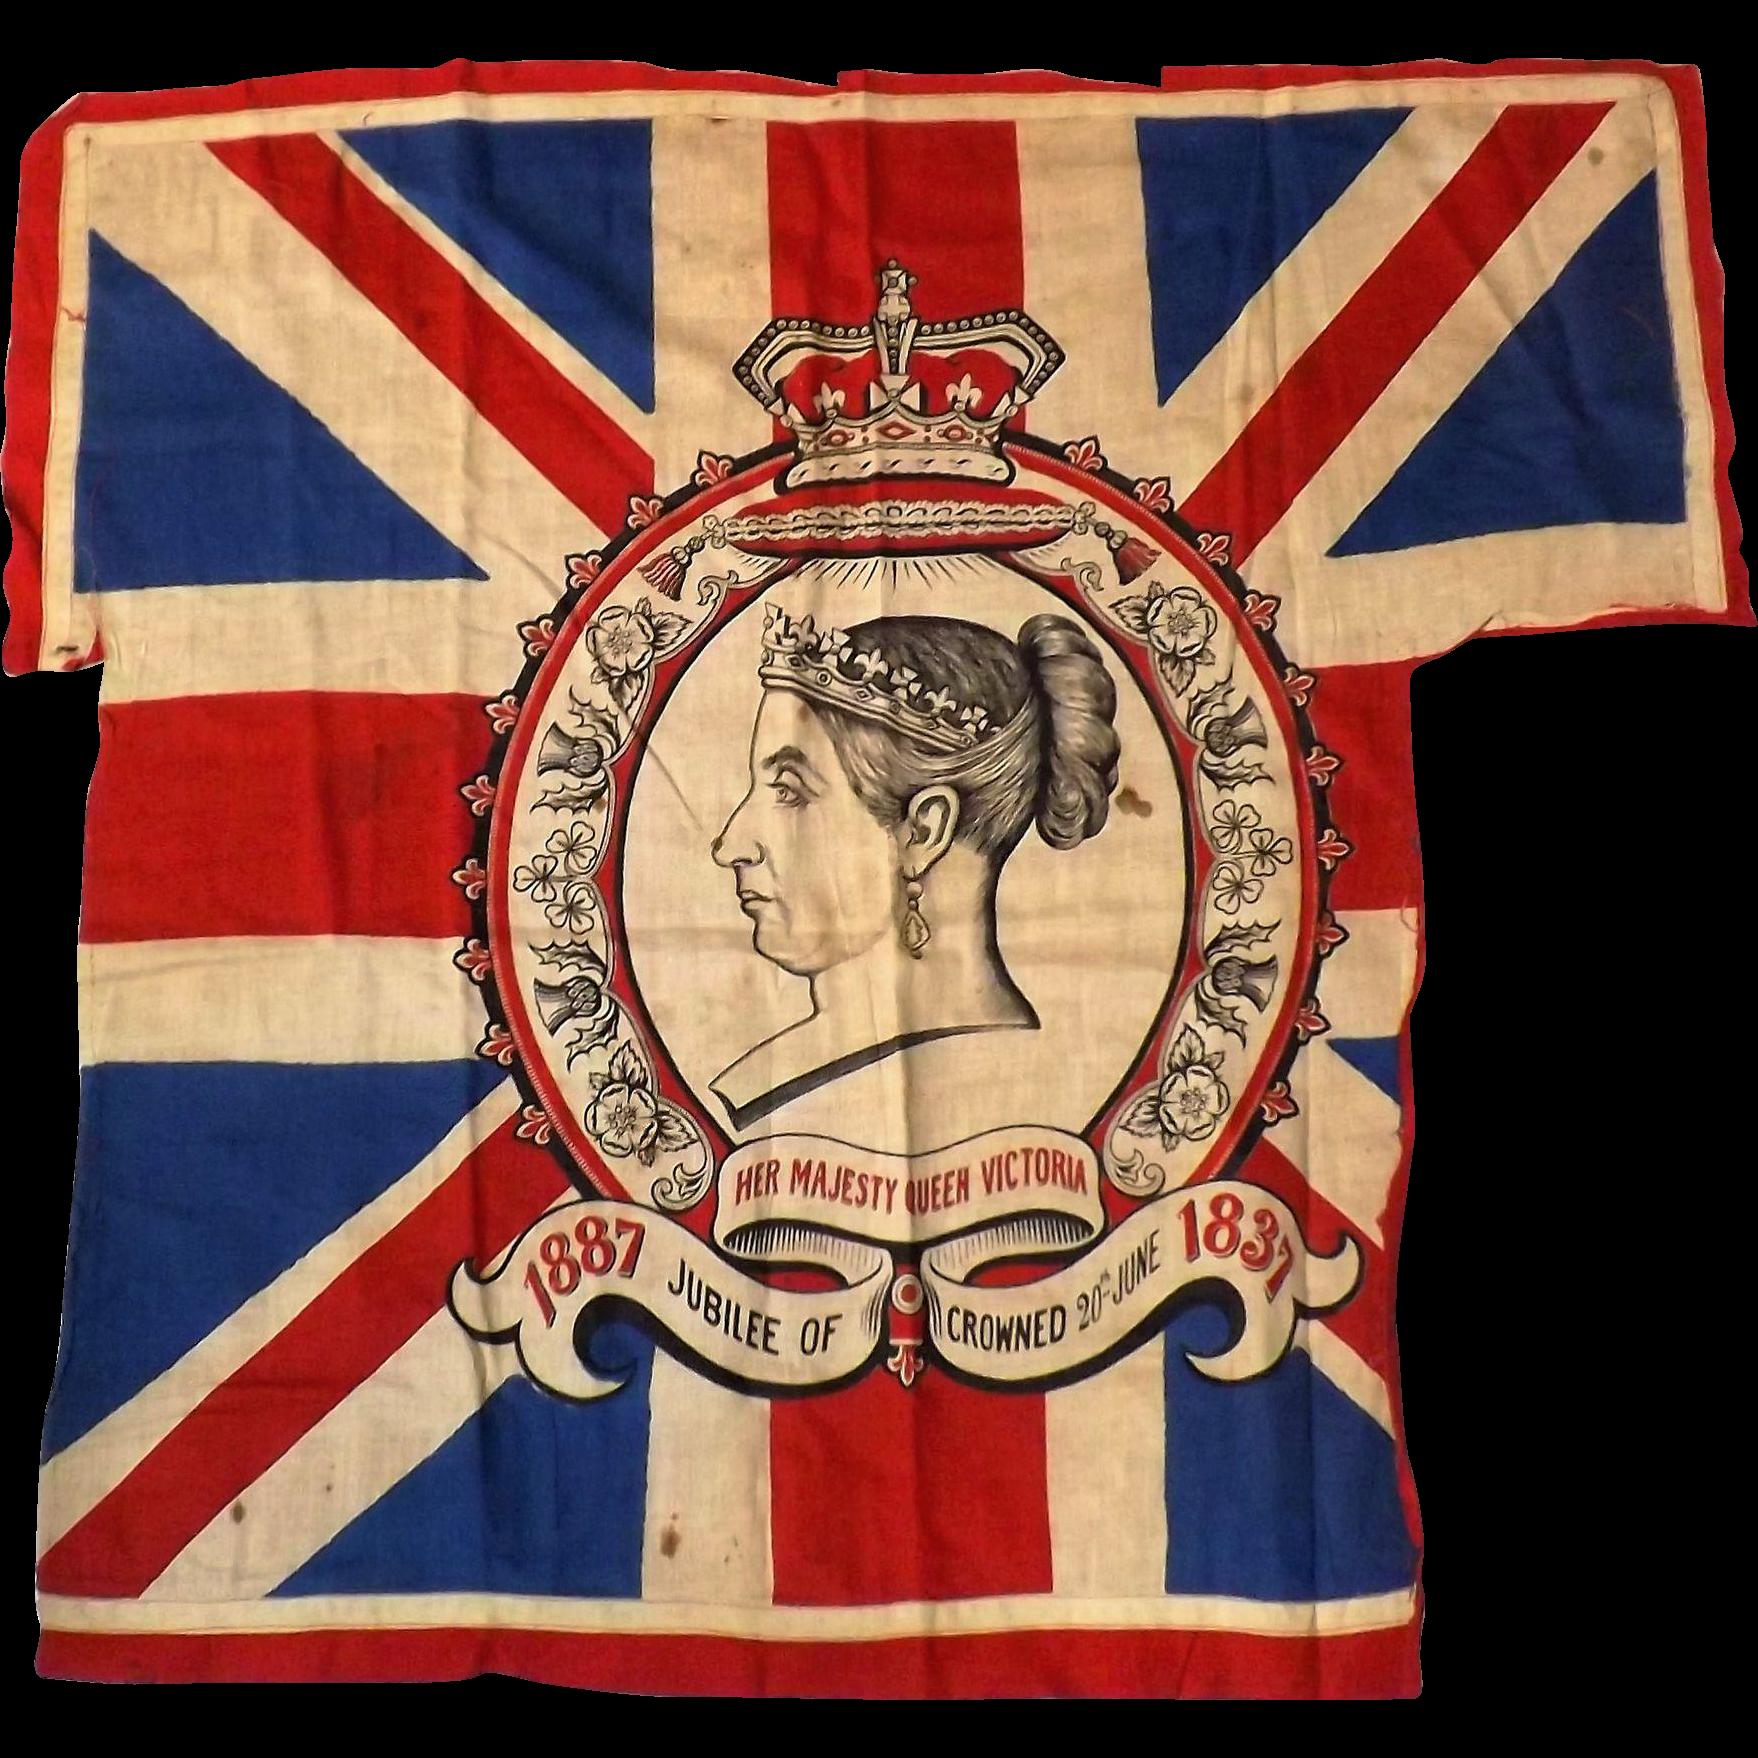 Queen Victoria Jubilee Flag 1837-1897